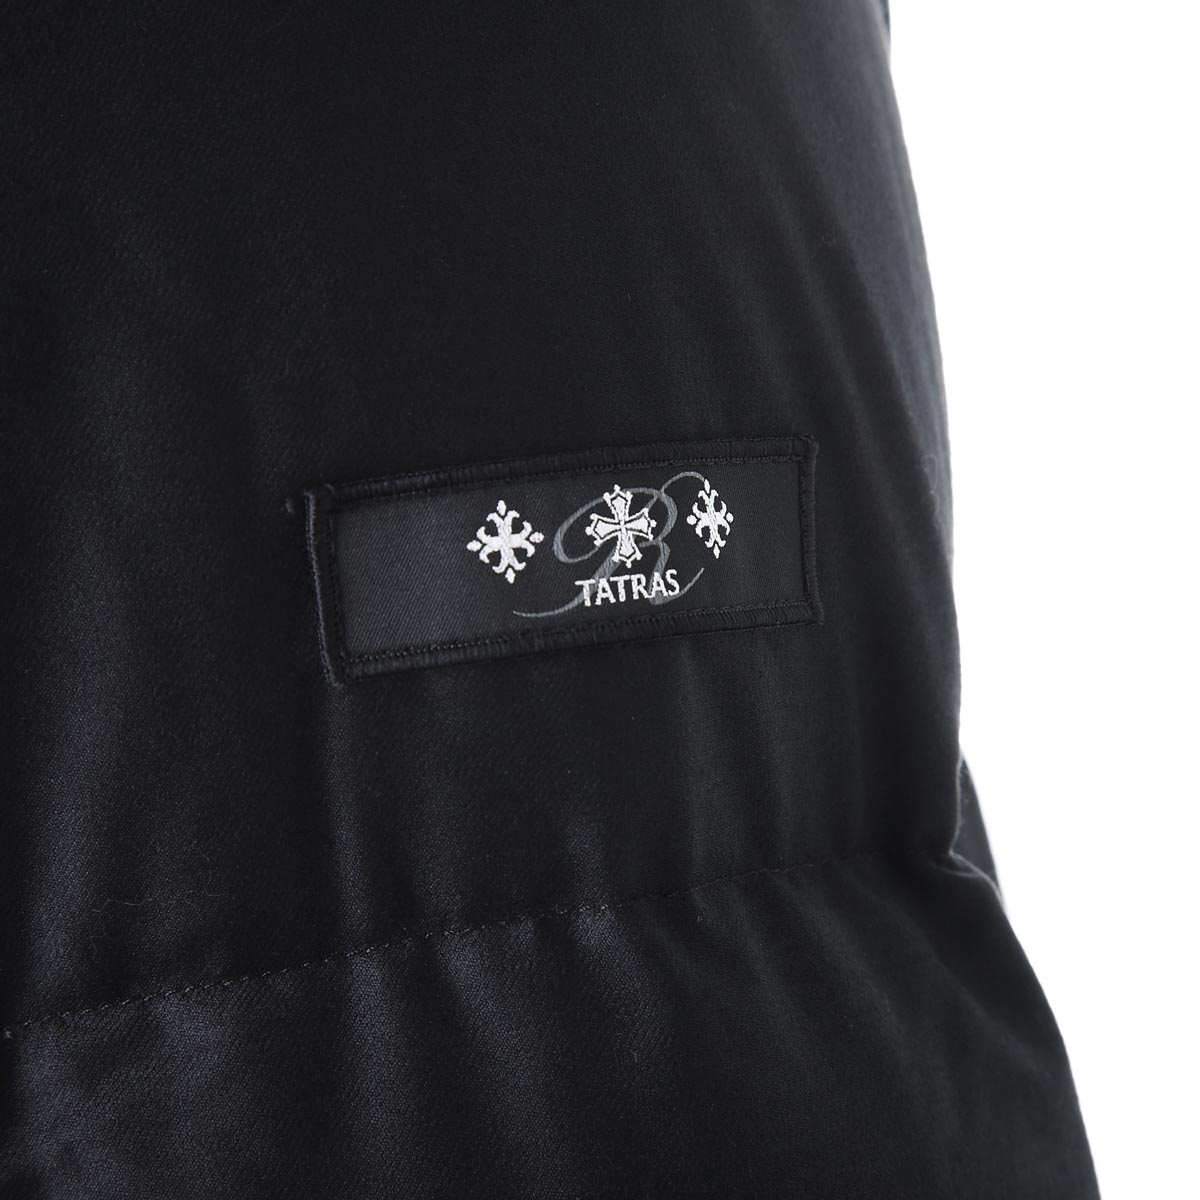 TATRAS タトラス ダウンジャケット/HORN【大きいサイズあり】 メンズ【WLCP】